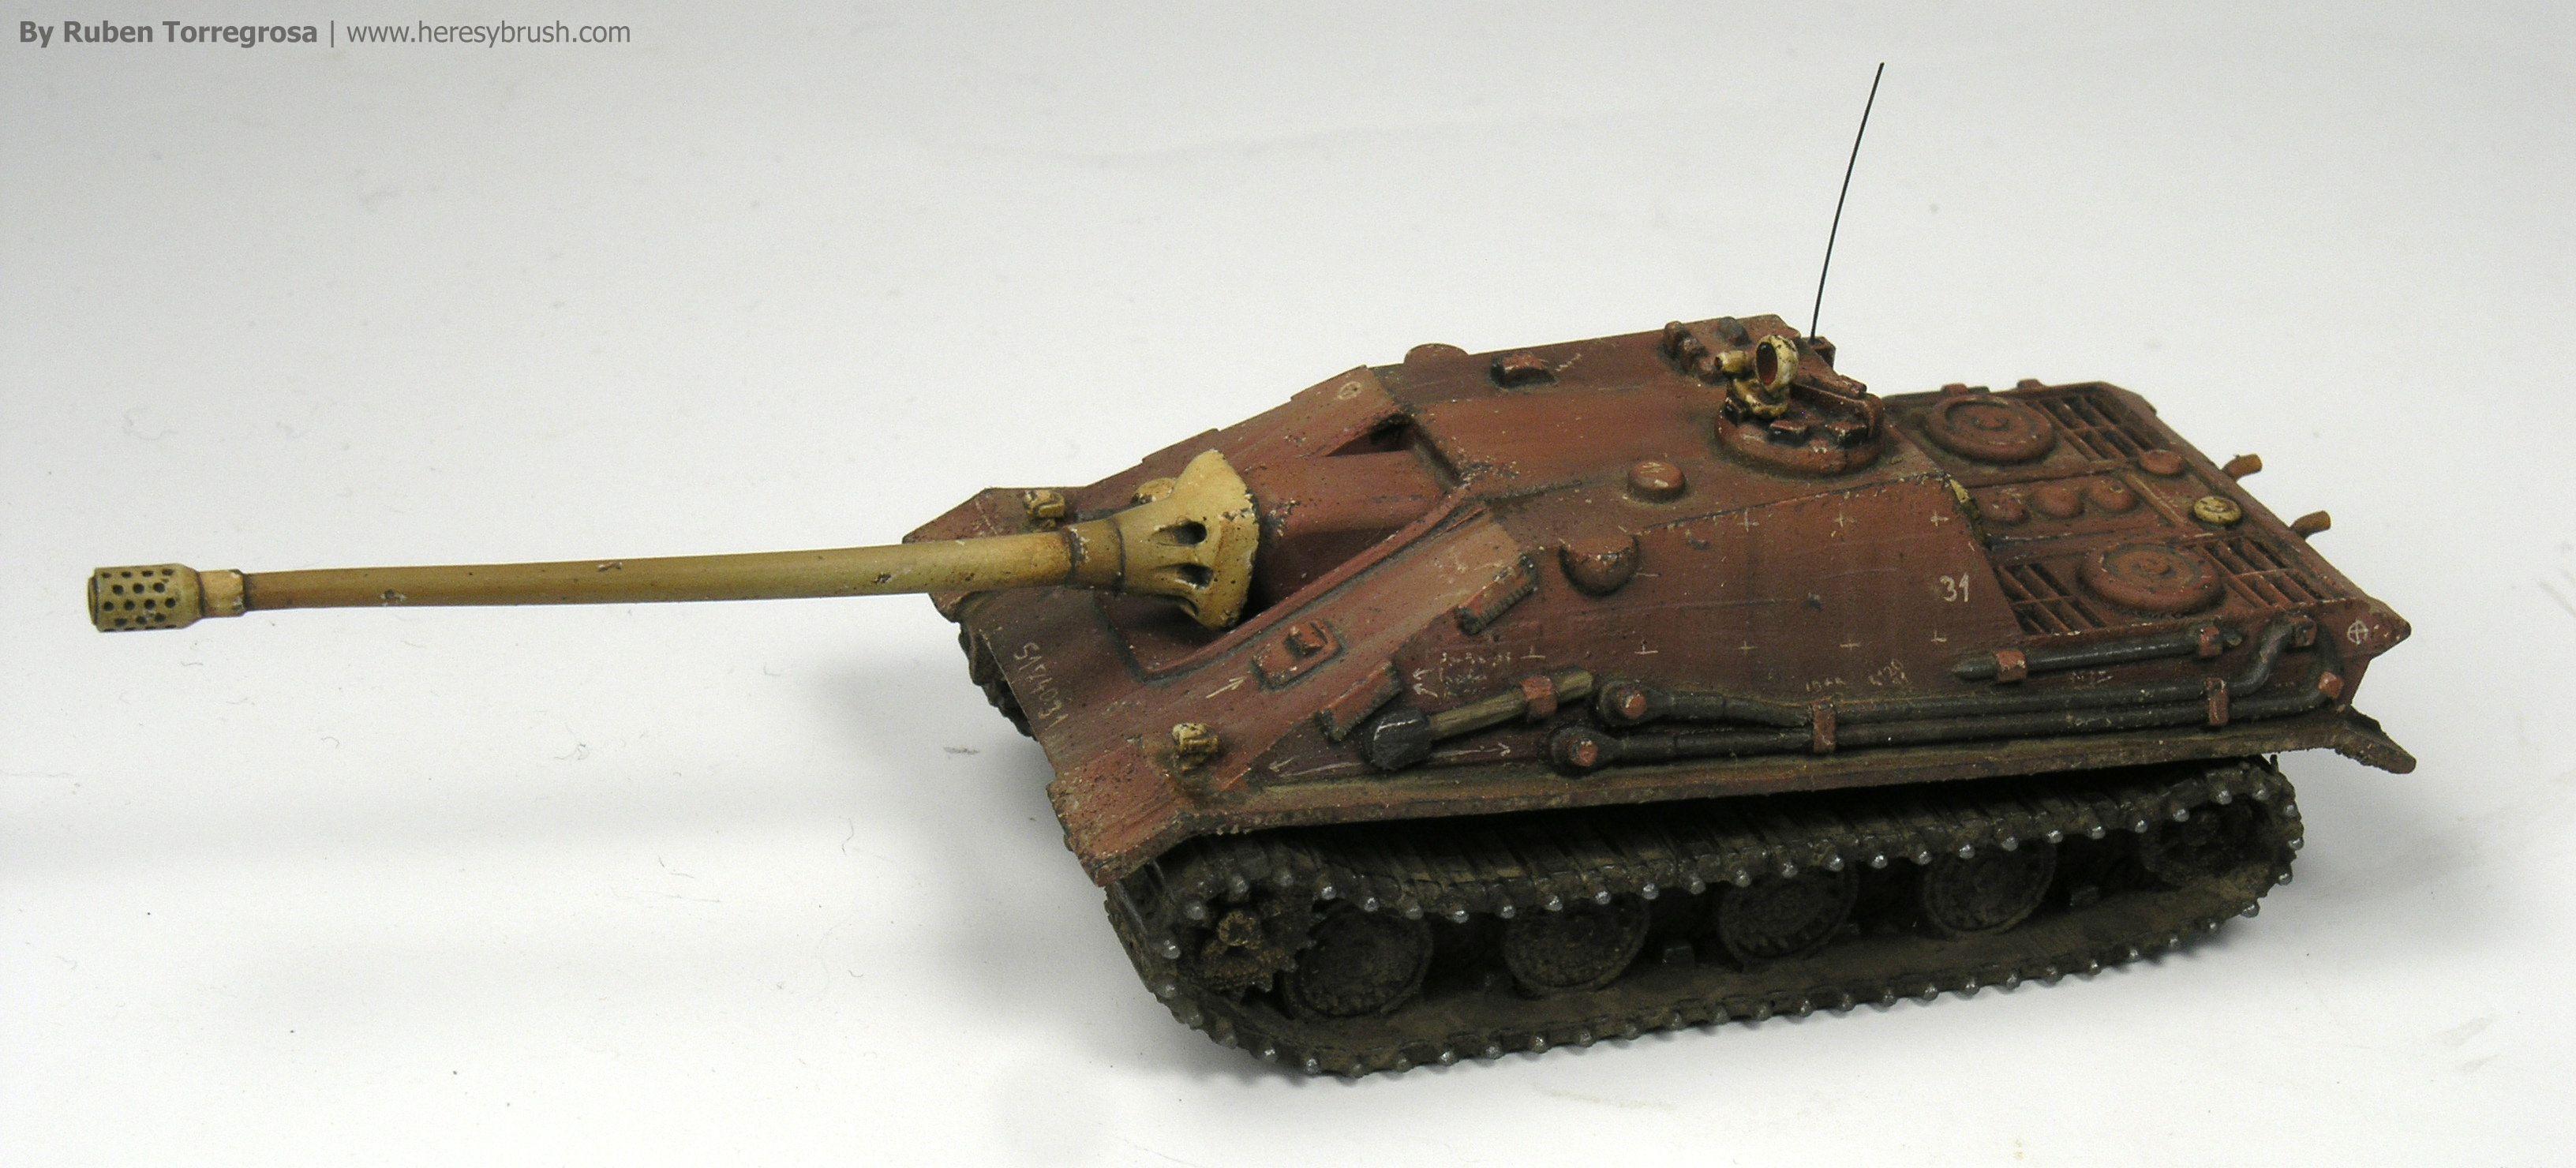 1946 Modelcollect 1:72 German Segunda Guerra Mundial E-100 Flakpanzer con tanque de modelo Flak 88